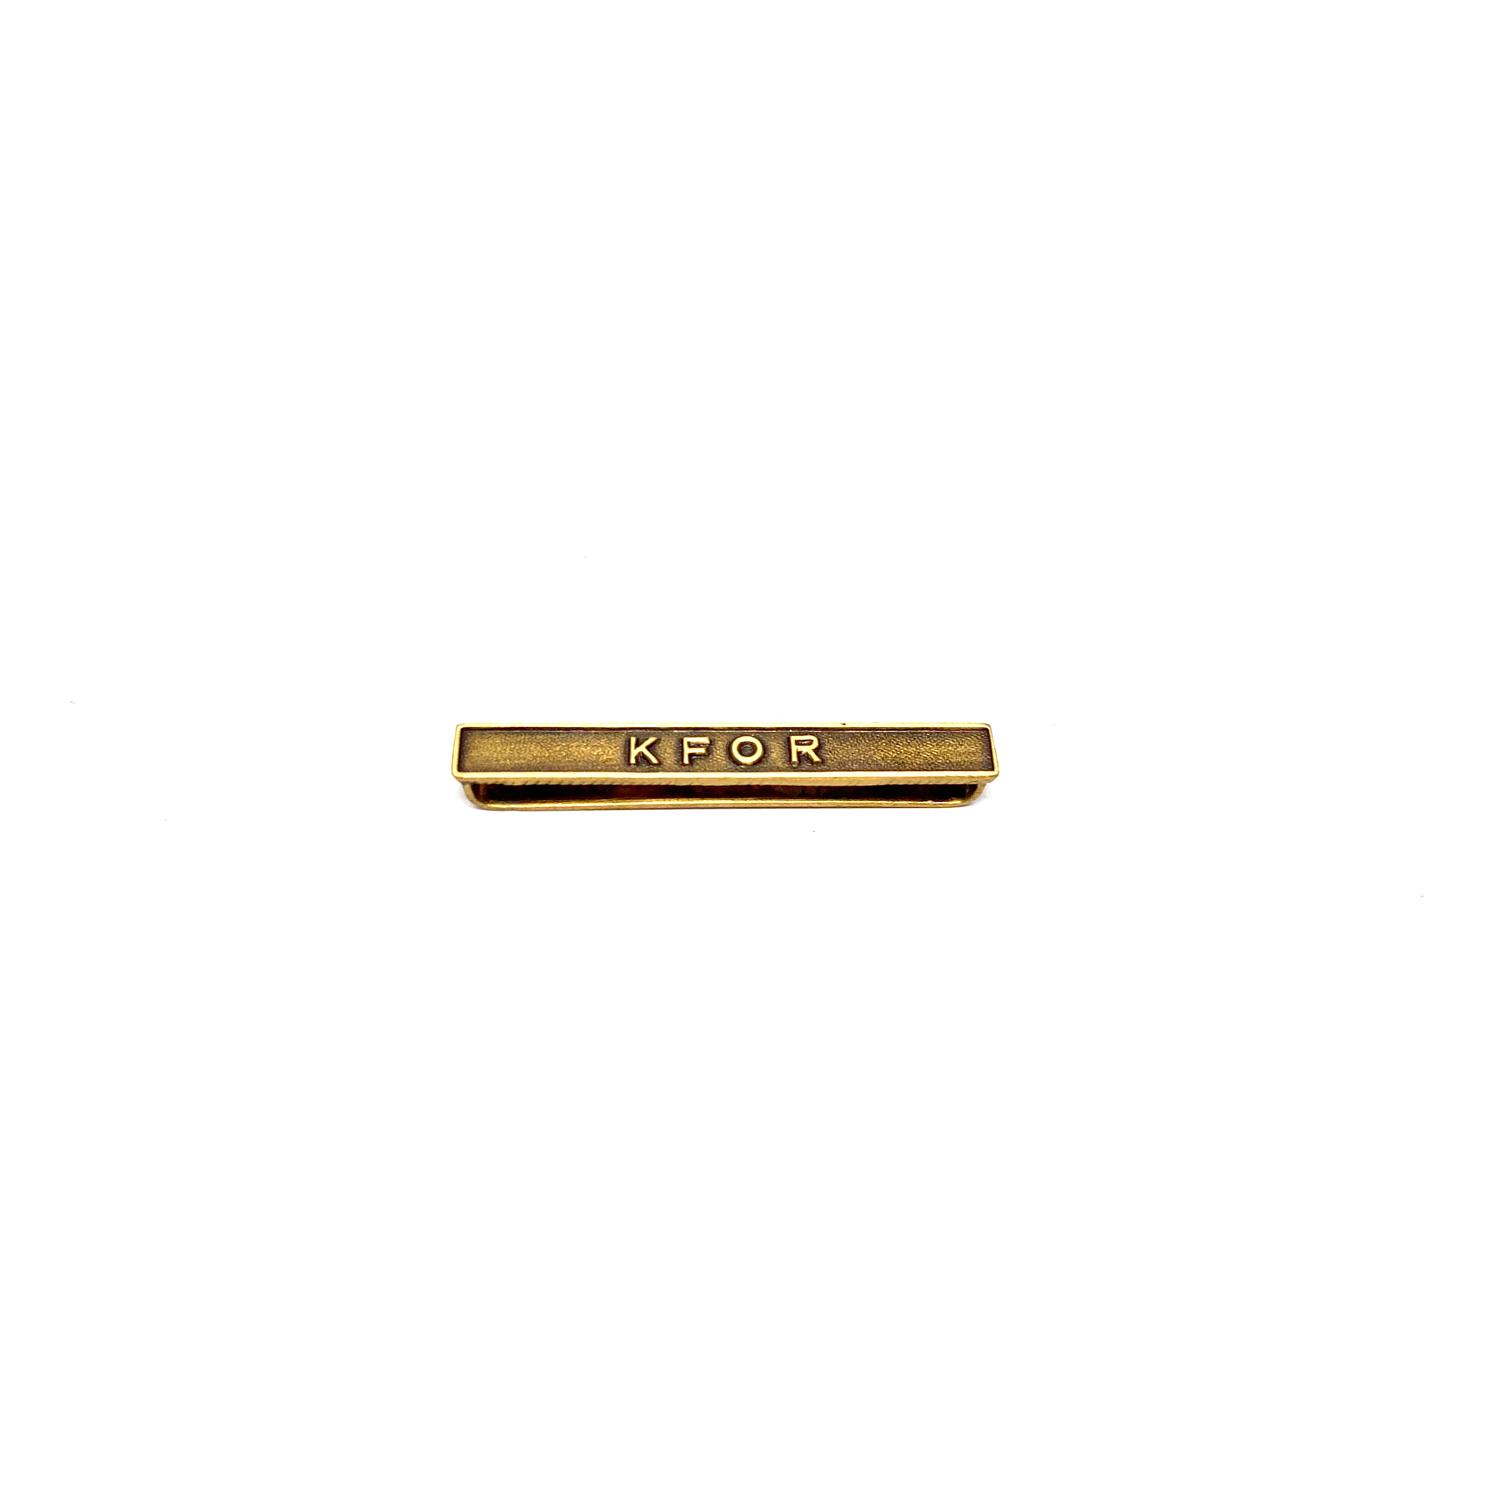 Barrette KFOR pour décorations militaires